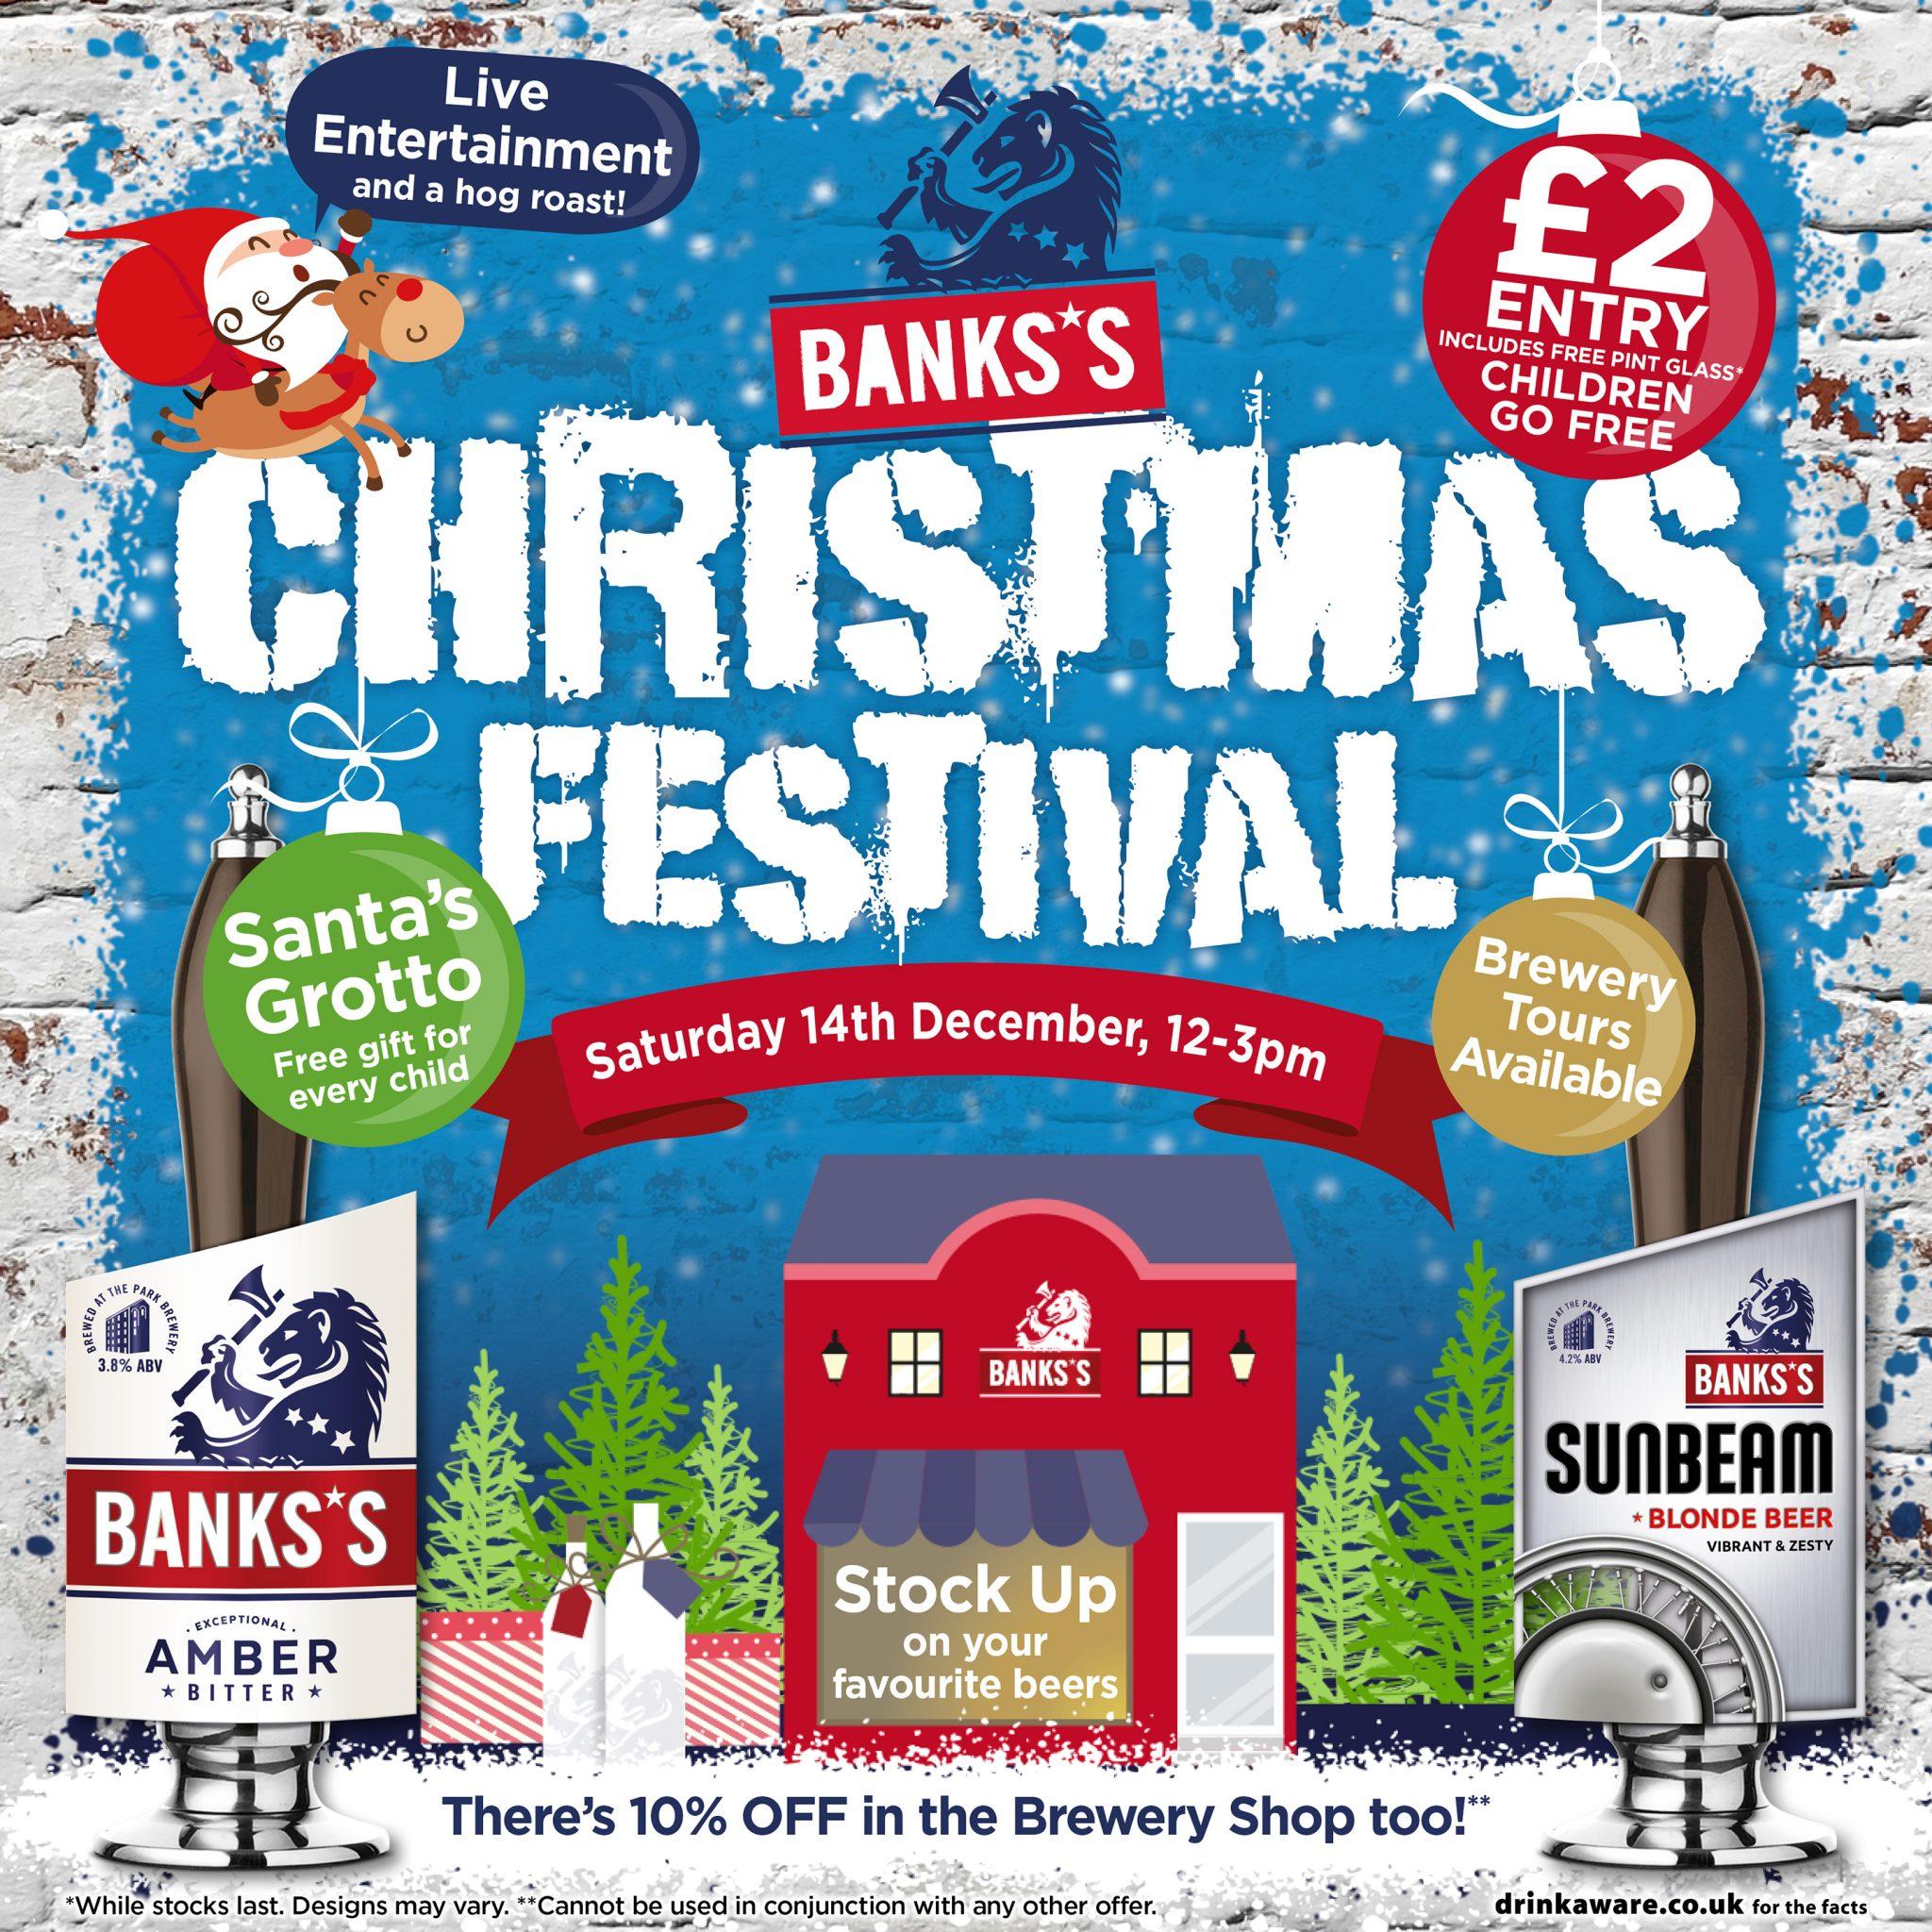 Banks's Christmas Festival 2019